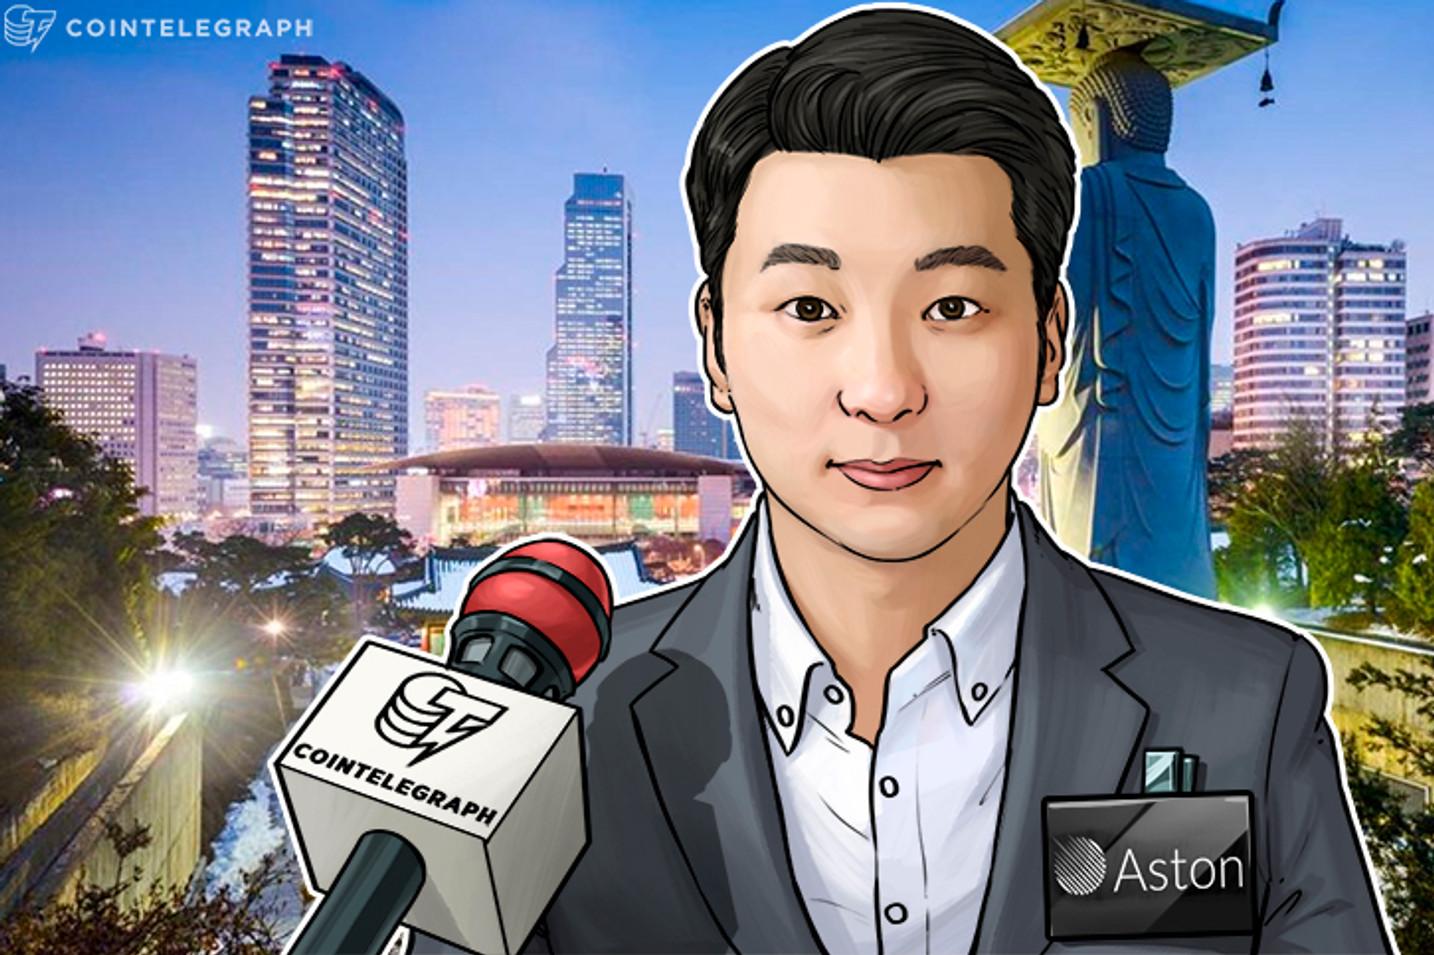 Aston Company solicita padronização da ICO e responsabilidade dos investidores